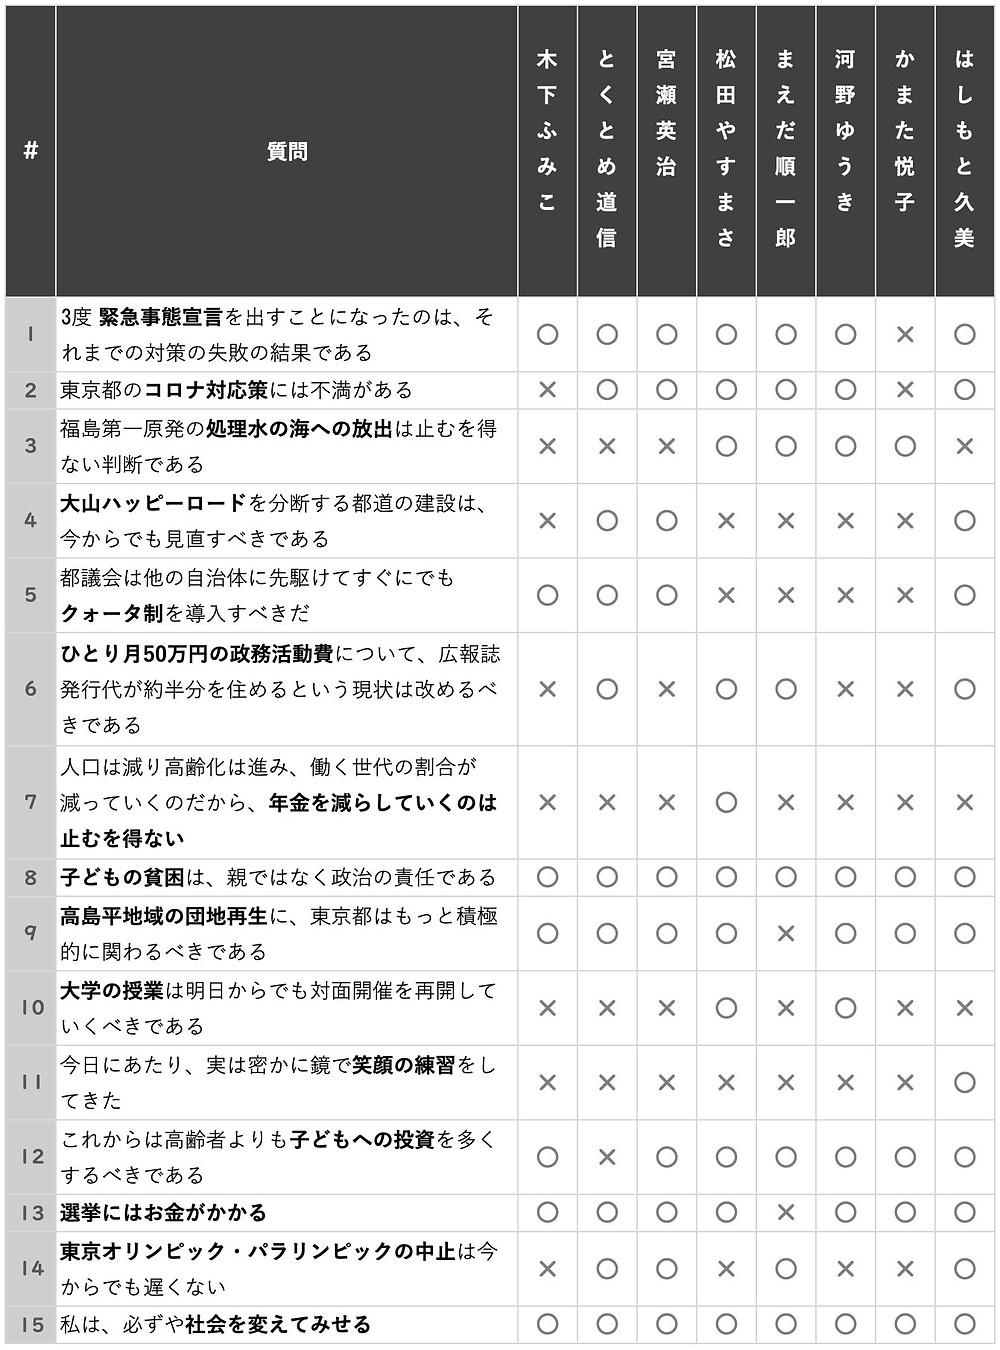 公開討論会 ○X質問の結果